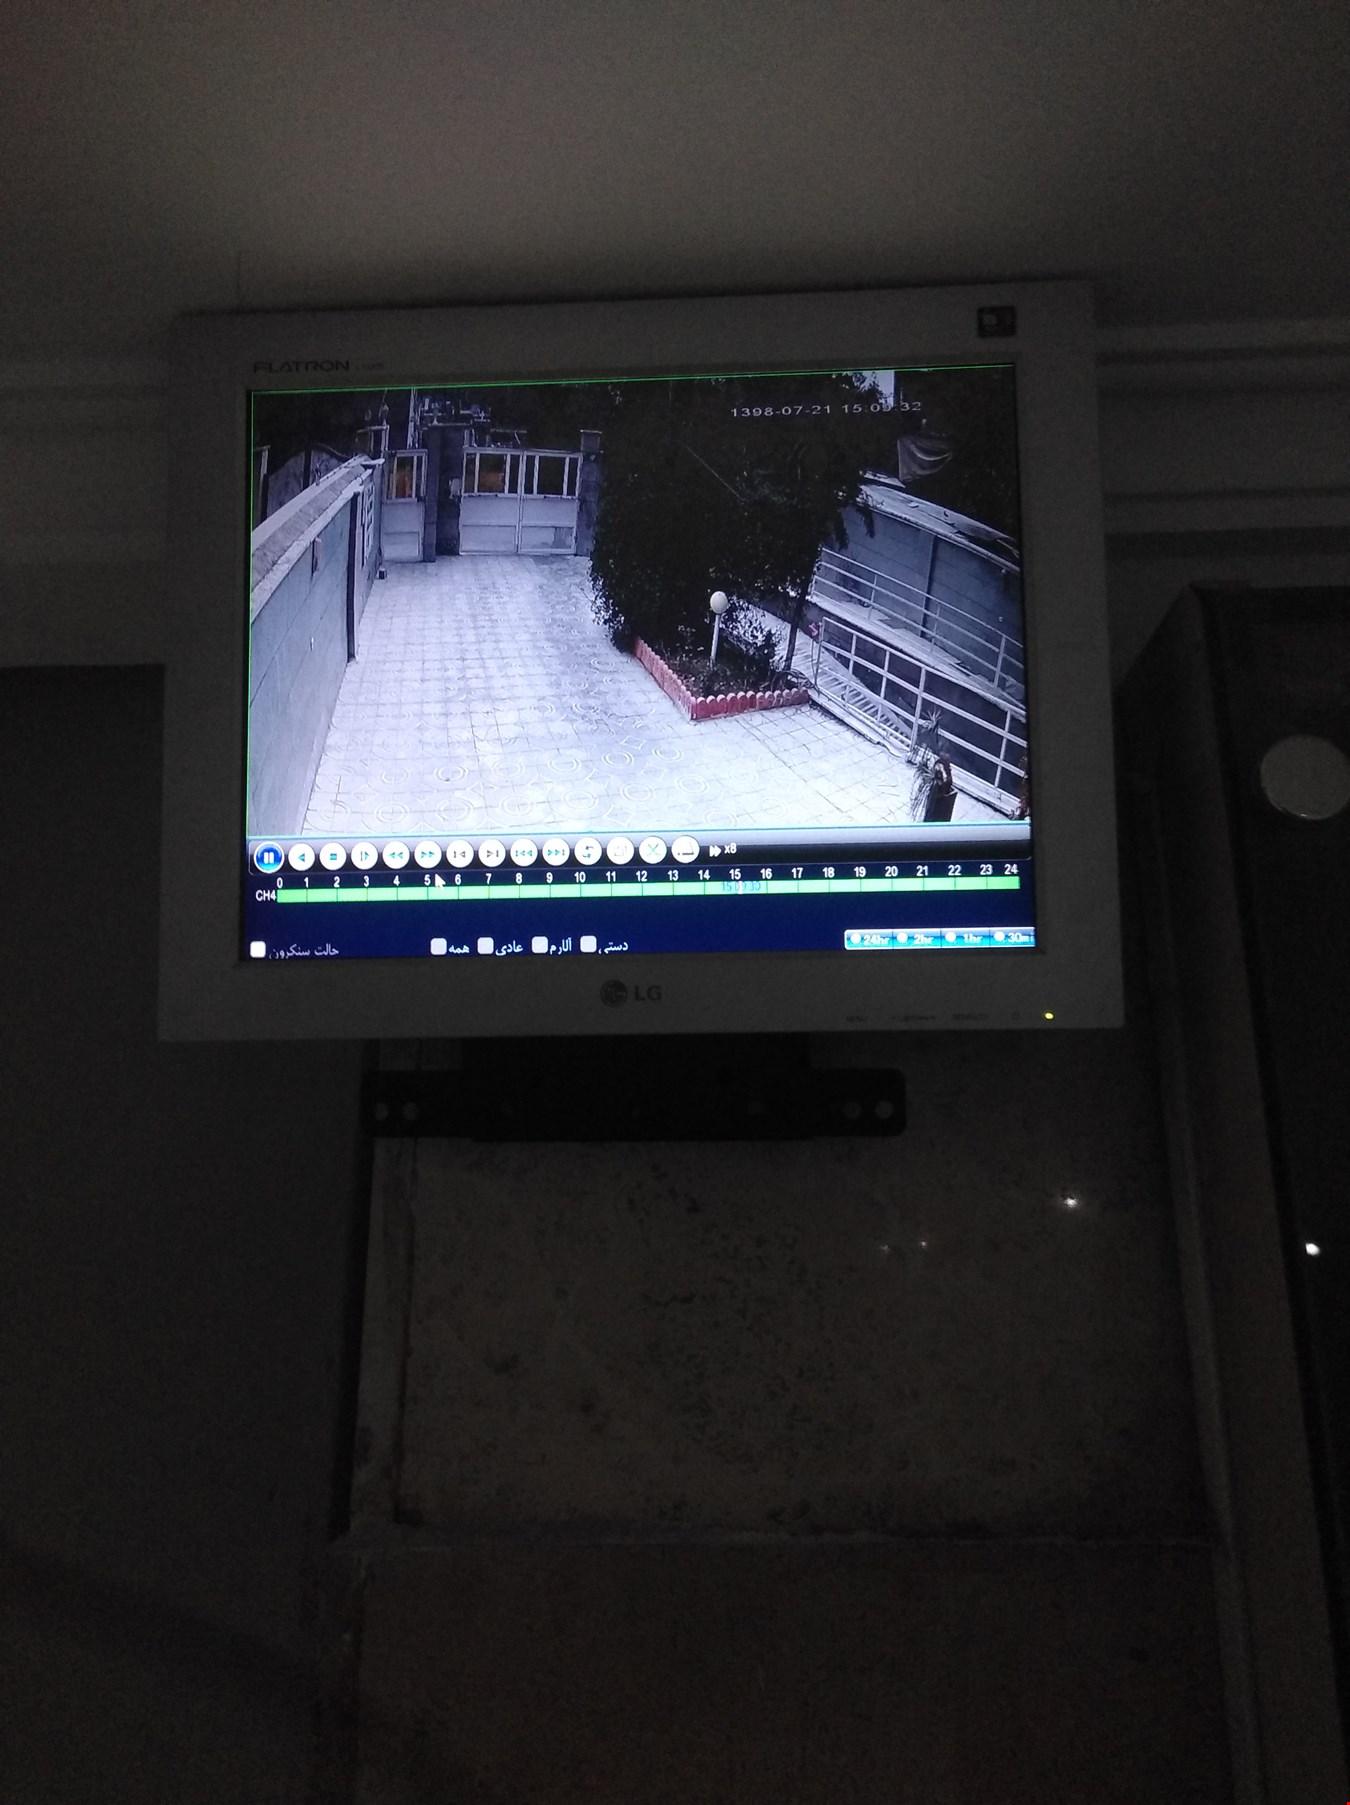 انواع سیستمهای نظارتی و امنیتی